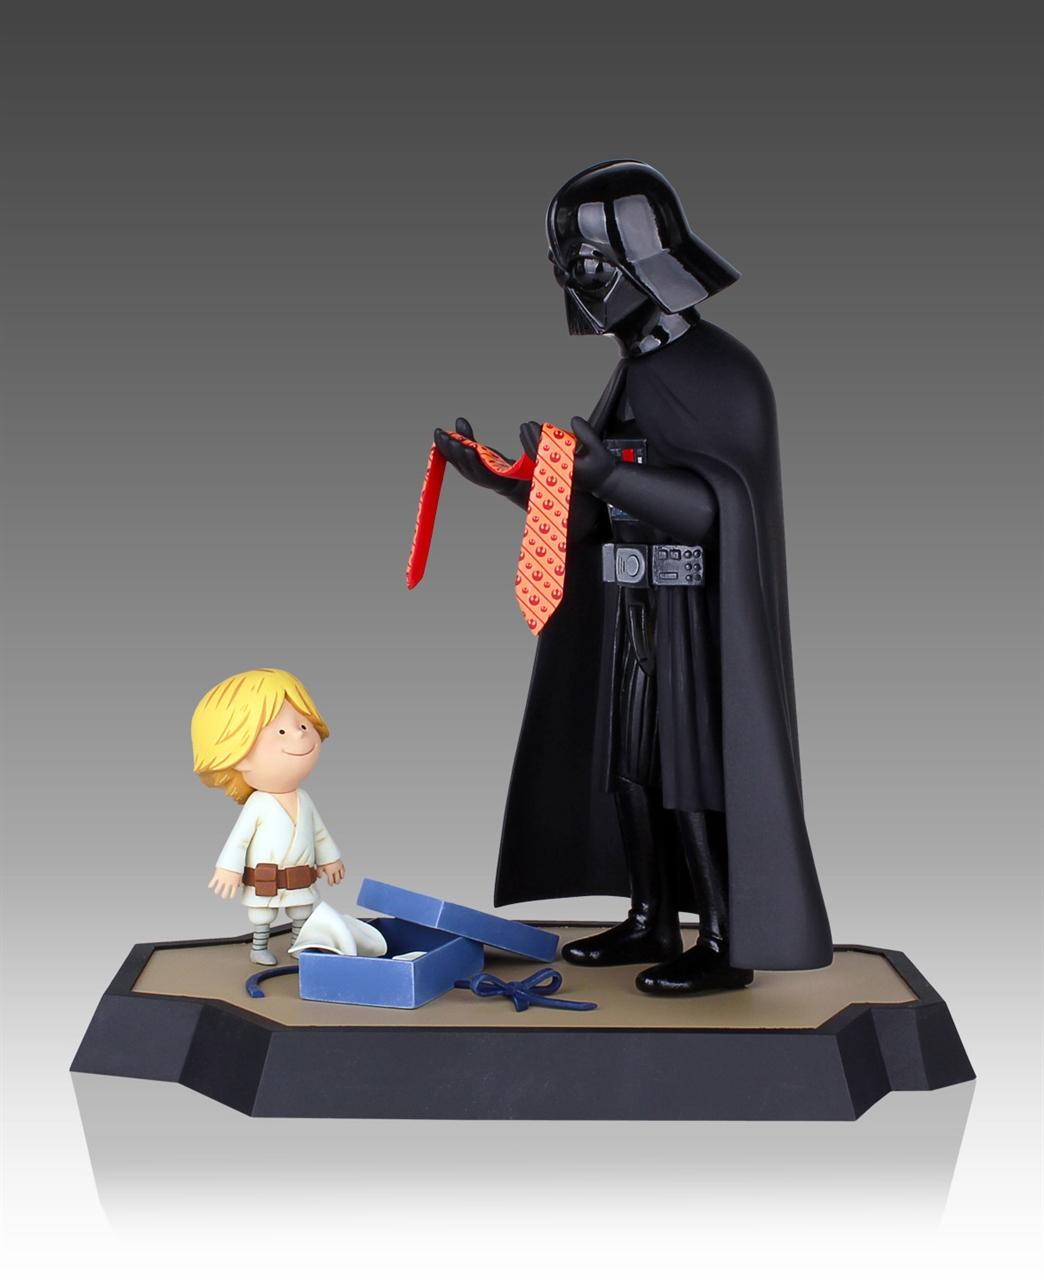 Imagen de Star Wars Maquette Darth Vader and Son